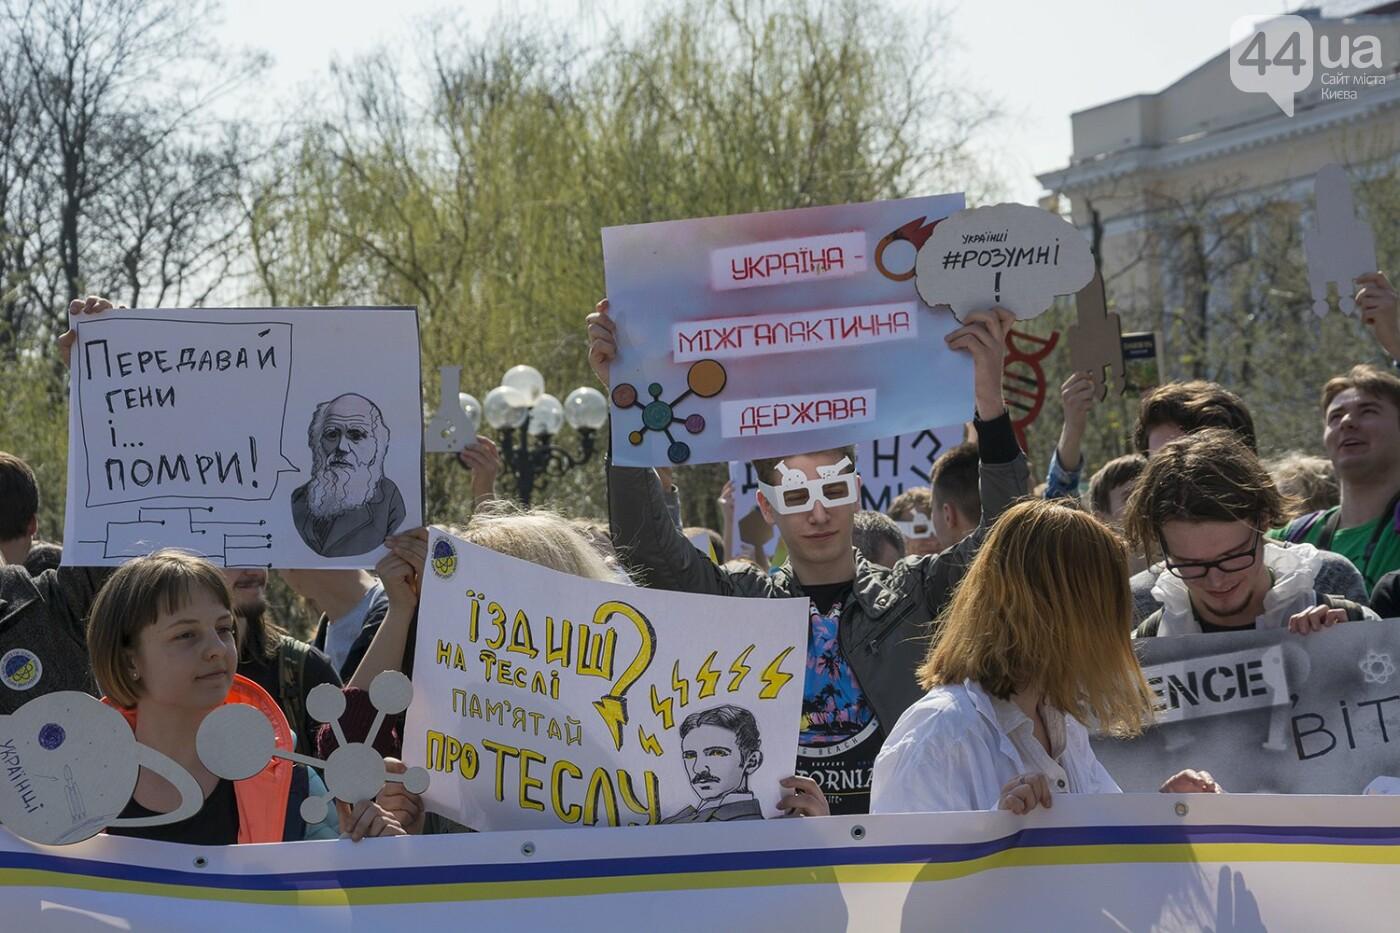 Ученые против мракобесия: в Киеве прошел марш за науку, фото-18